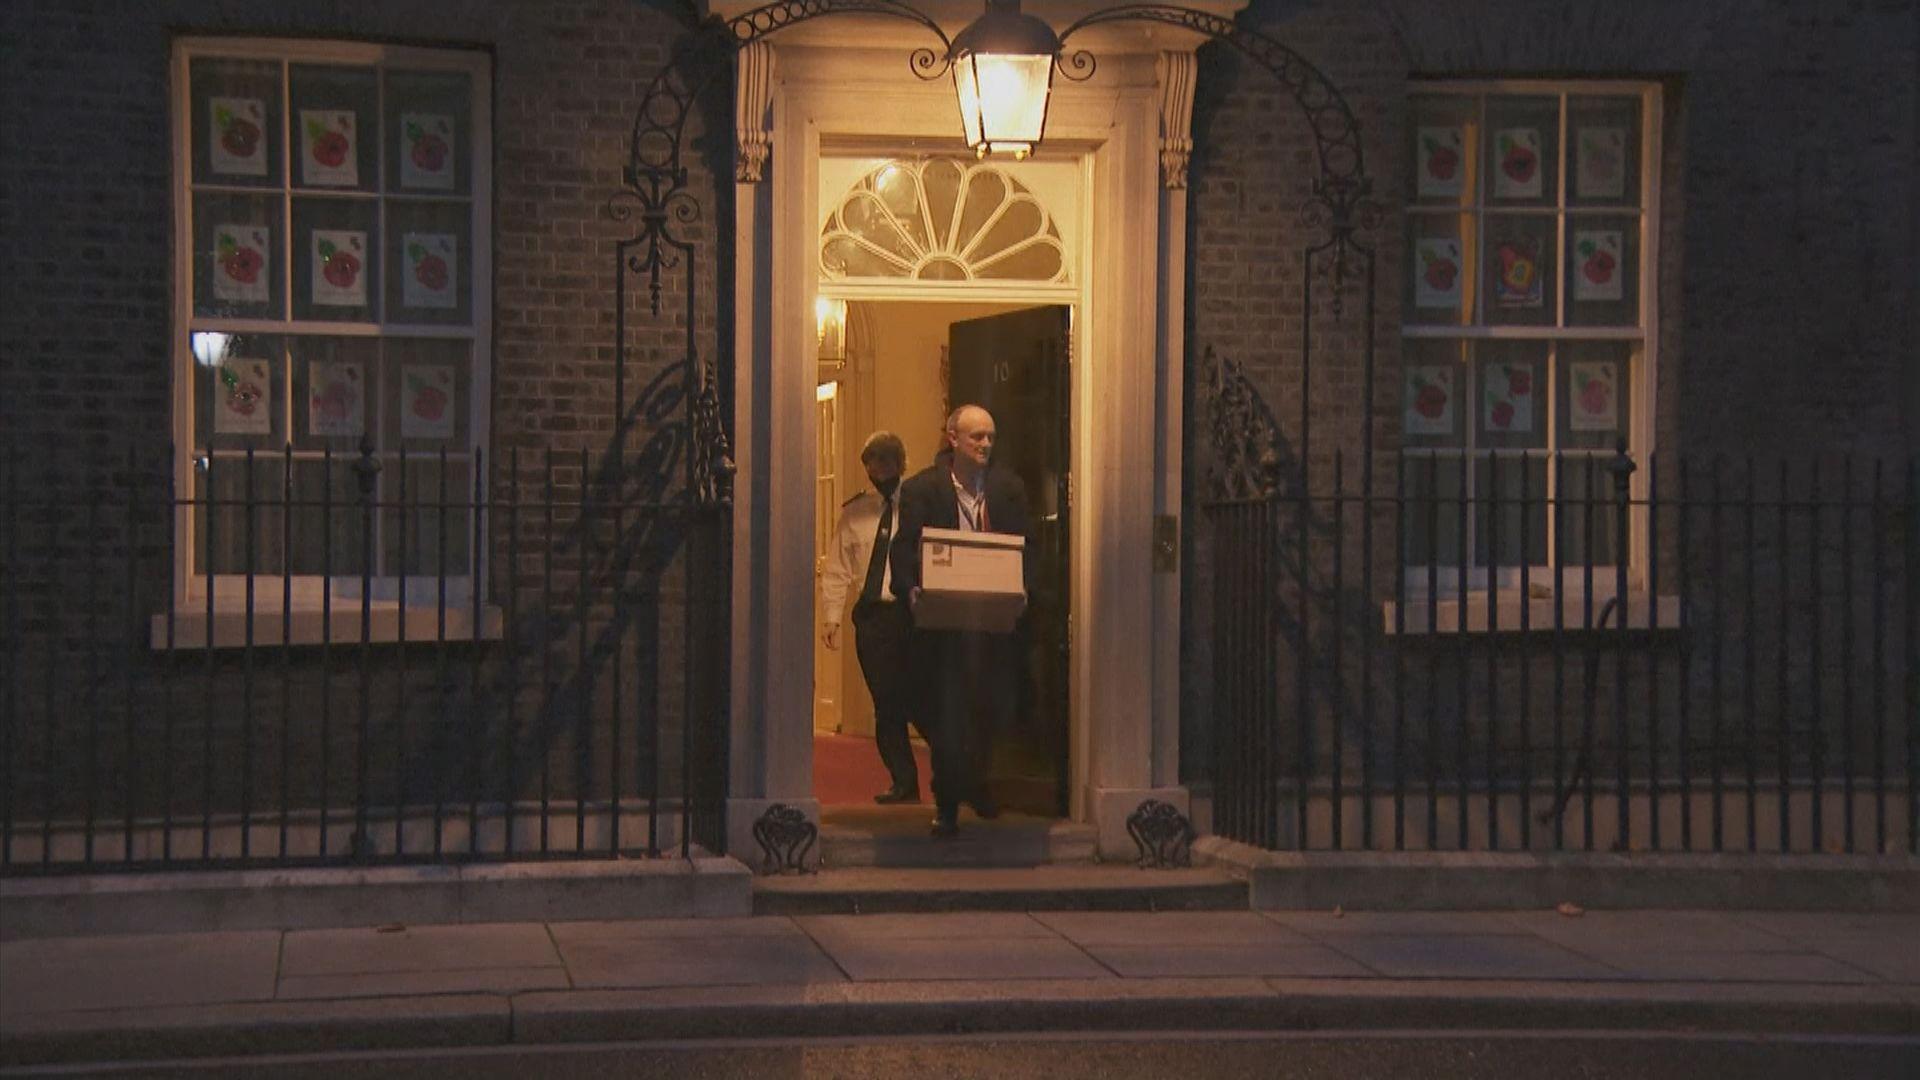 英揆首席顧問甘明斯離職 分析指約翰遜可趁機重振地位